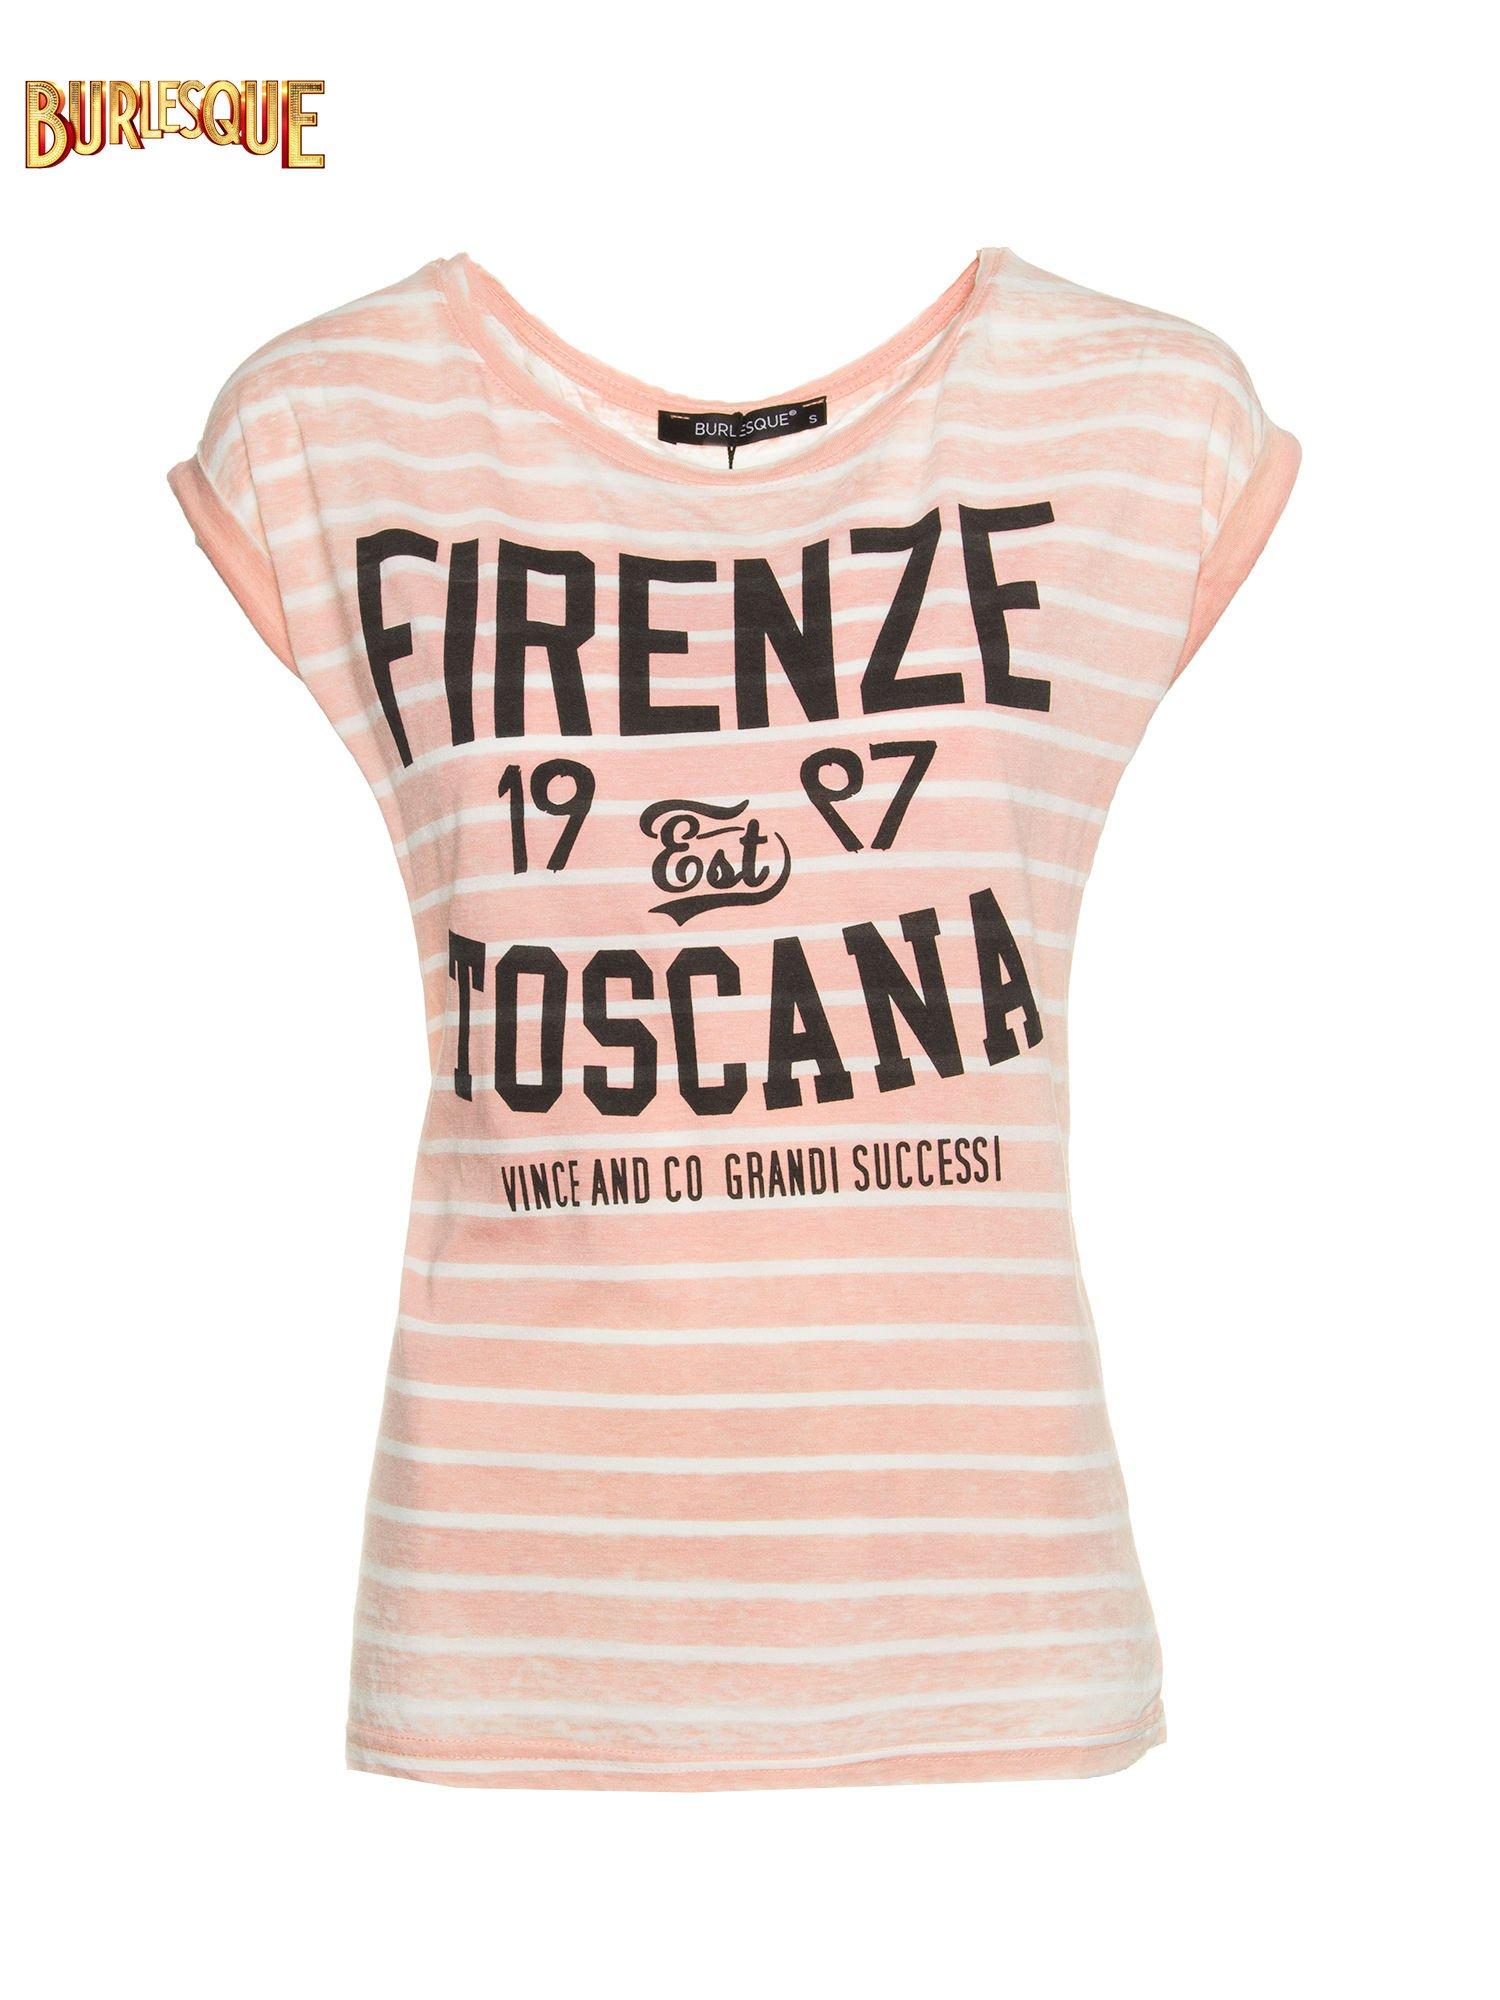 Pomarańczowy t-shirt w paski z napisem FIRENZE TOSCANA                                  zdj.                                  1